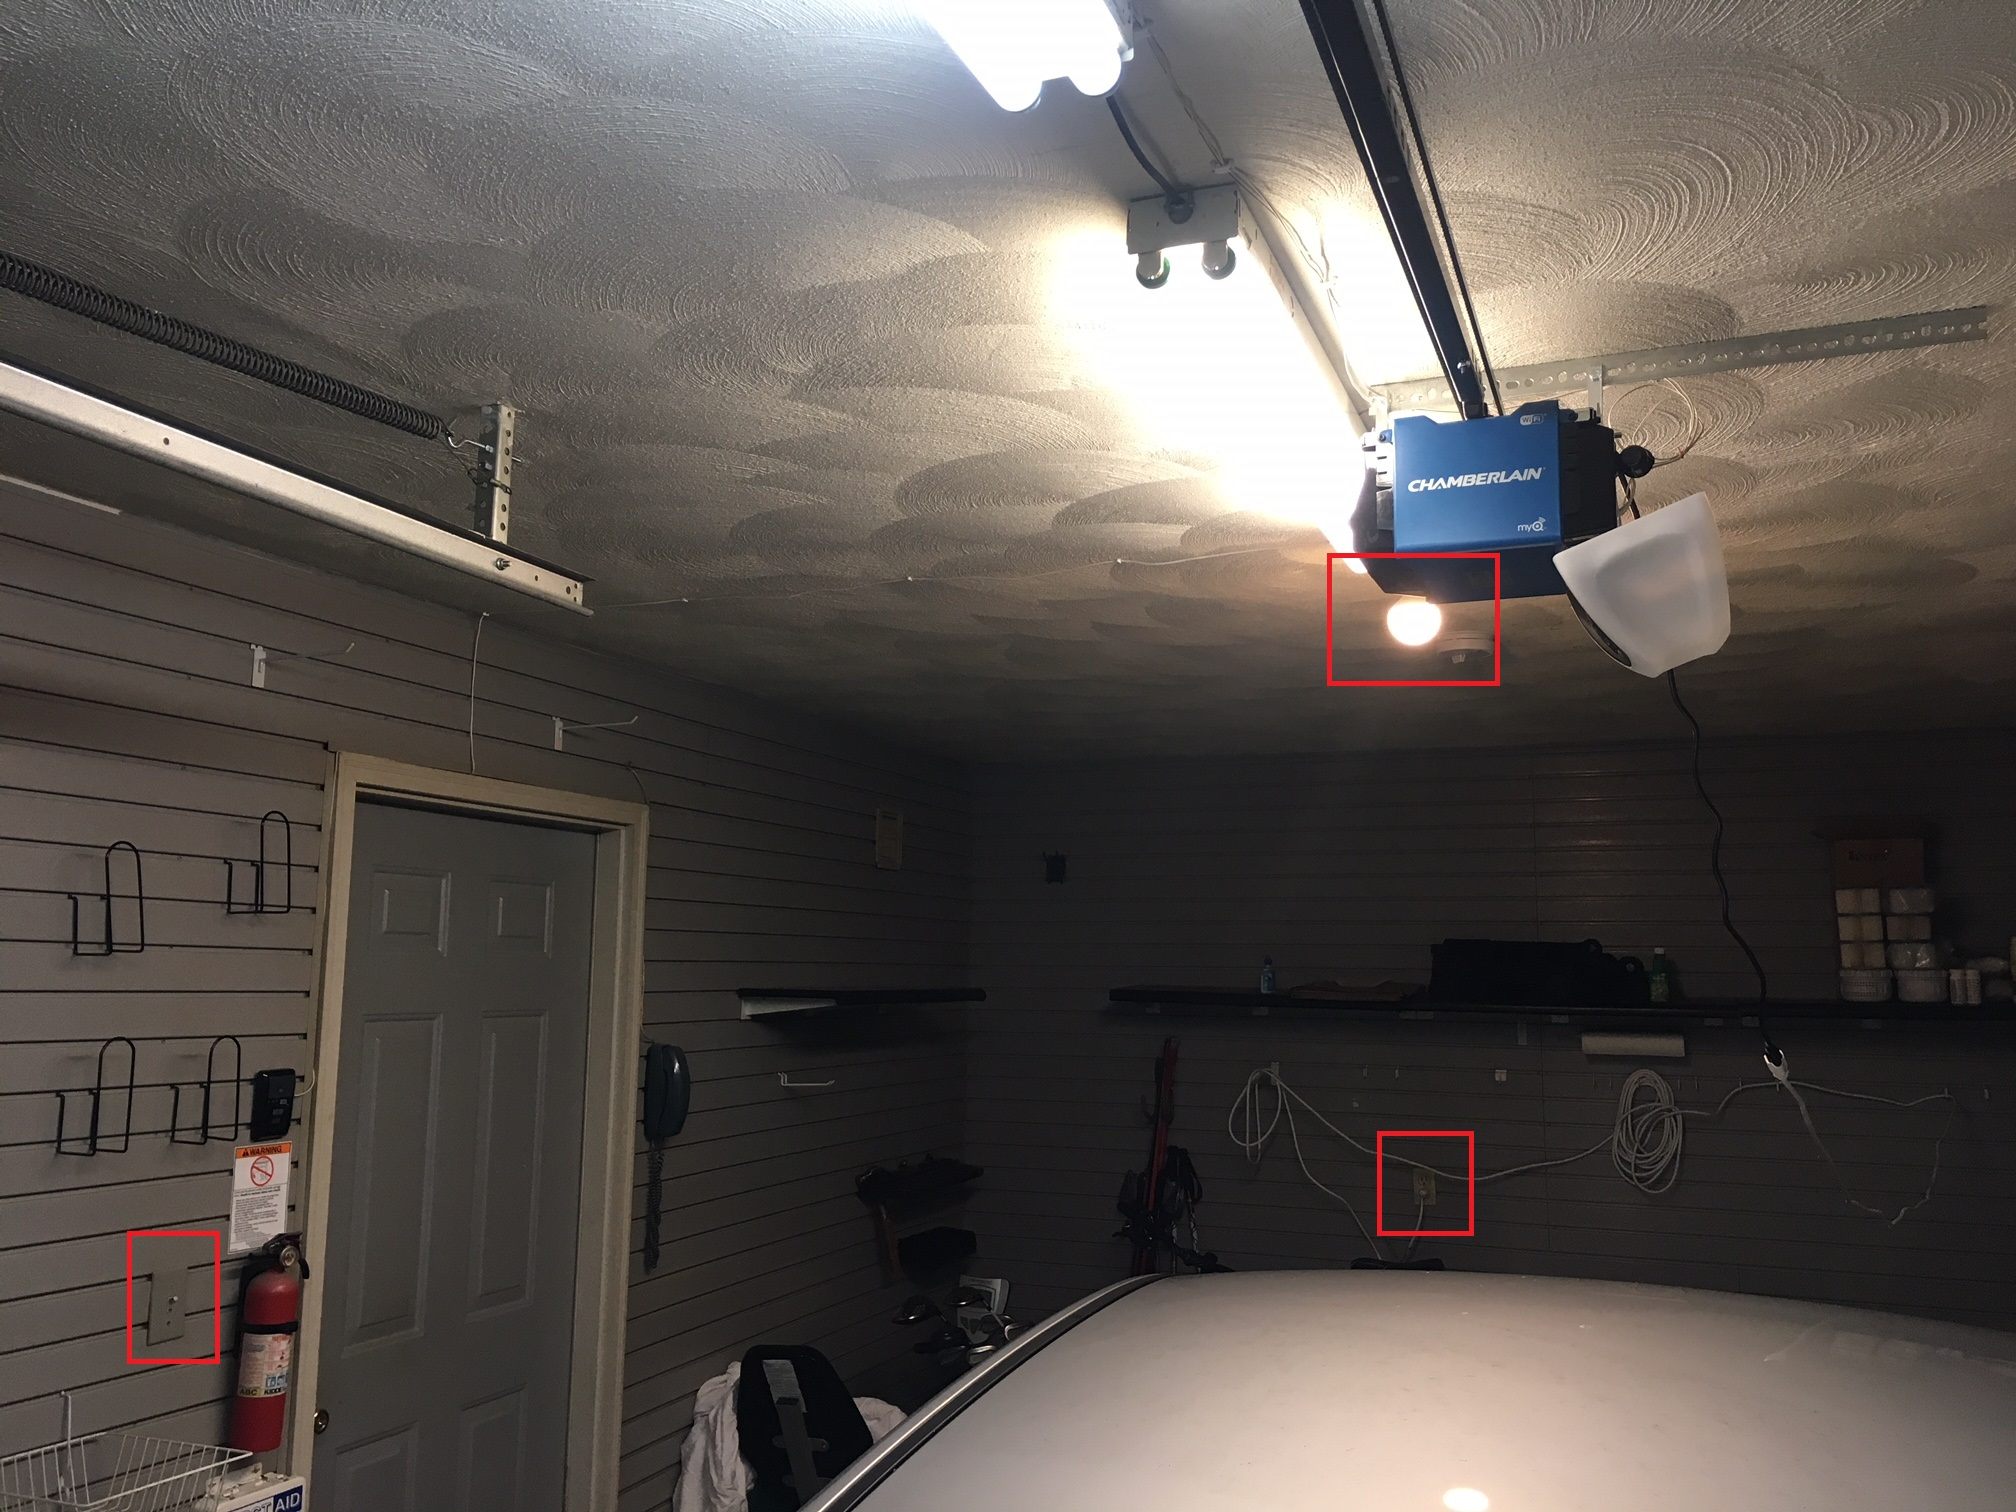 Installing Outlet Or Hardwiring Garage Door Opener